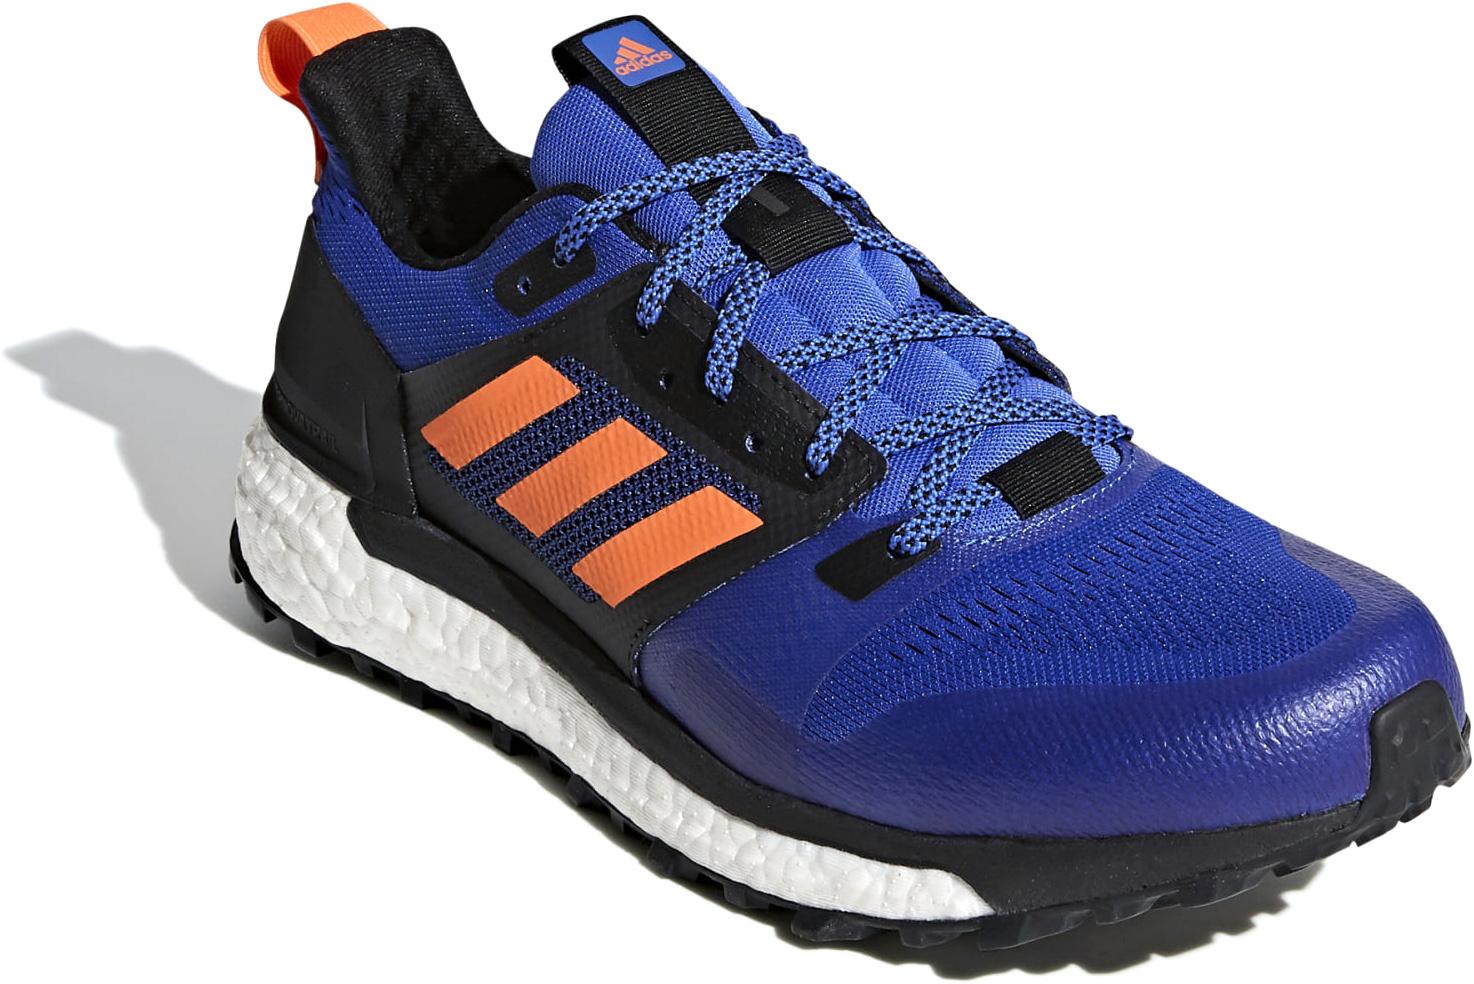 d16dee1ebe15e Adidas Outdoor Supernova Trail Running Shoe - Men s